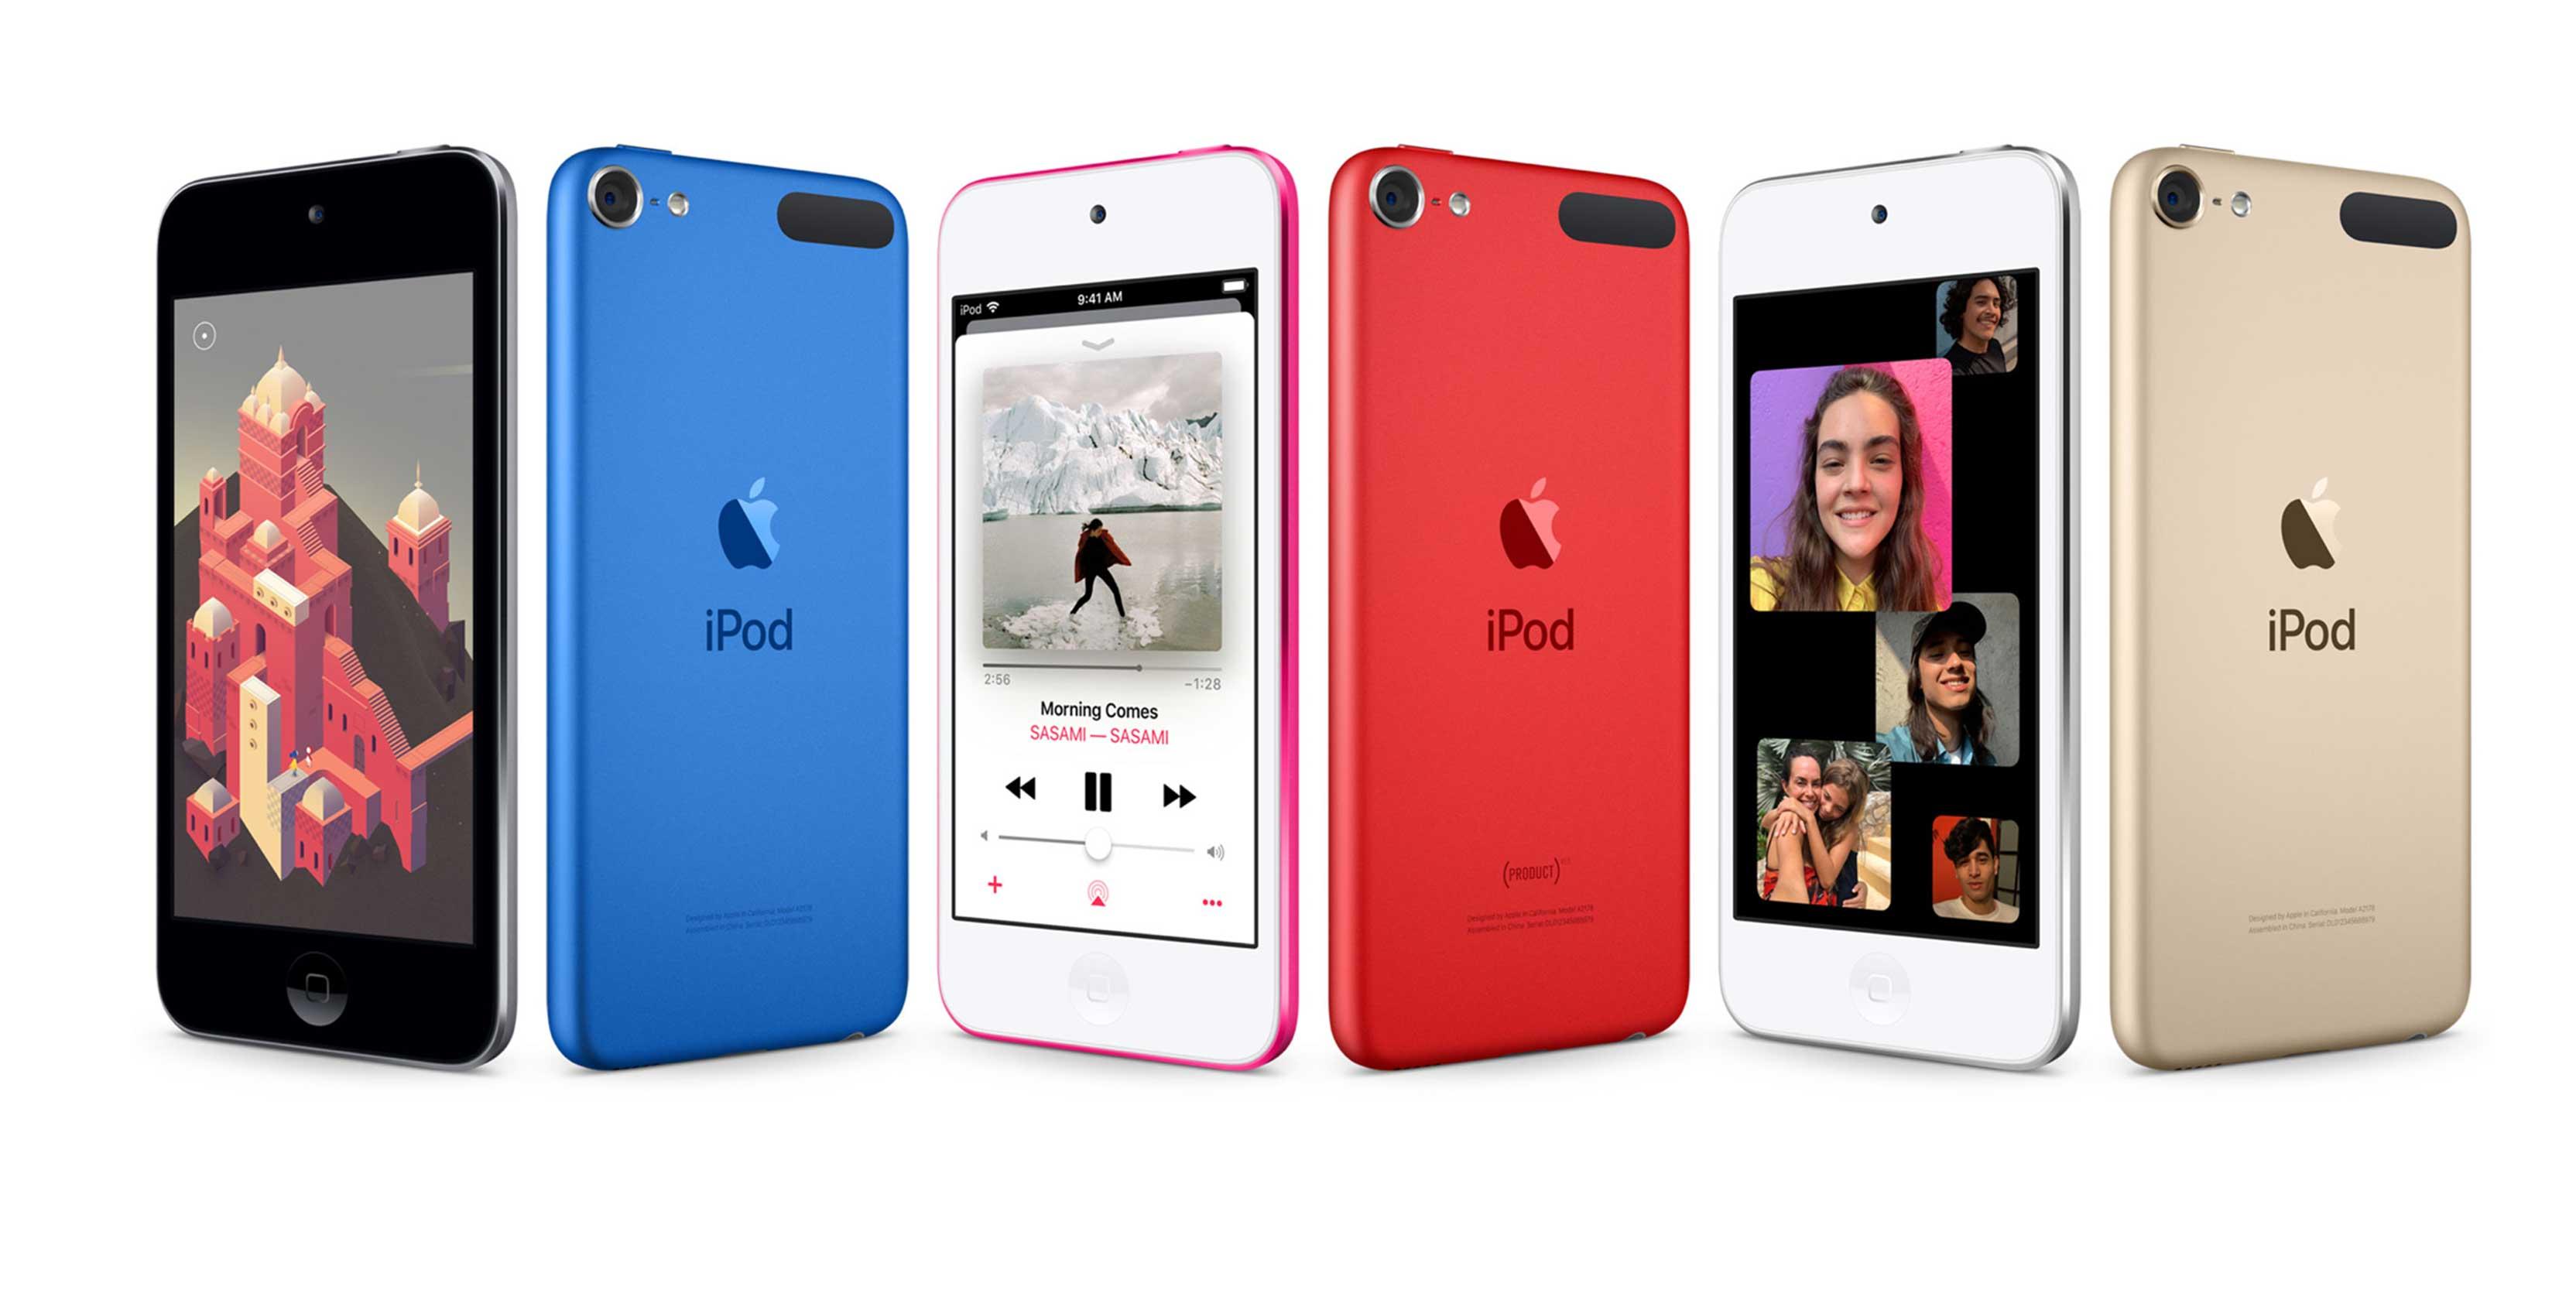 Le nouvel iPod Touch 7 annoncé par Apple sera équipé de la puce A10 Fusion de l'iPhone 7